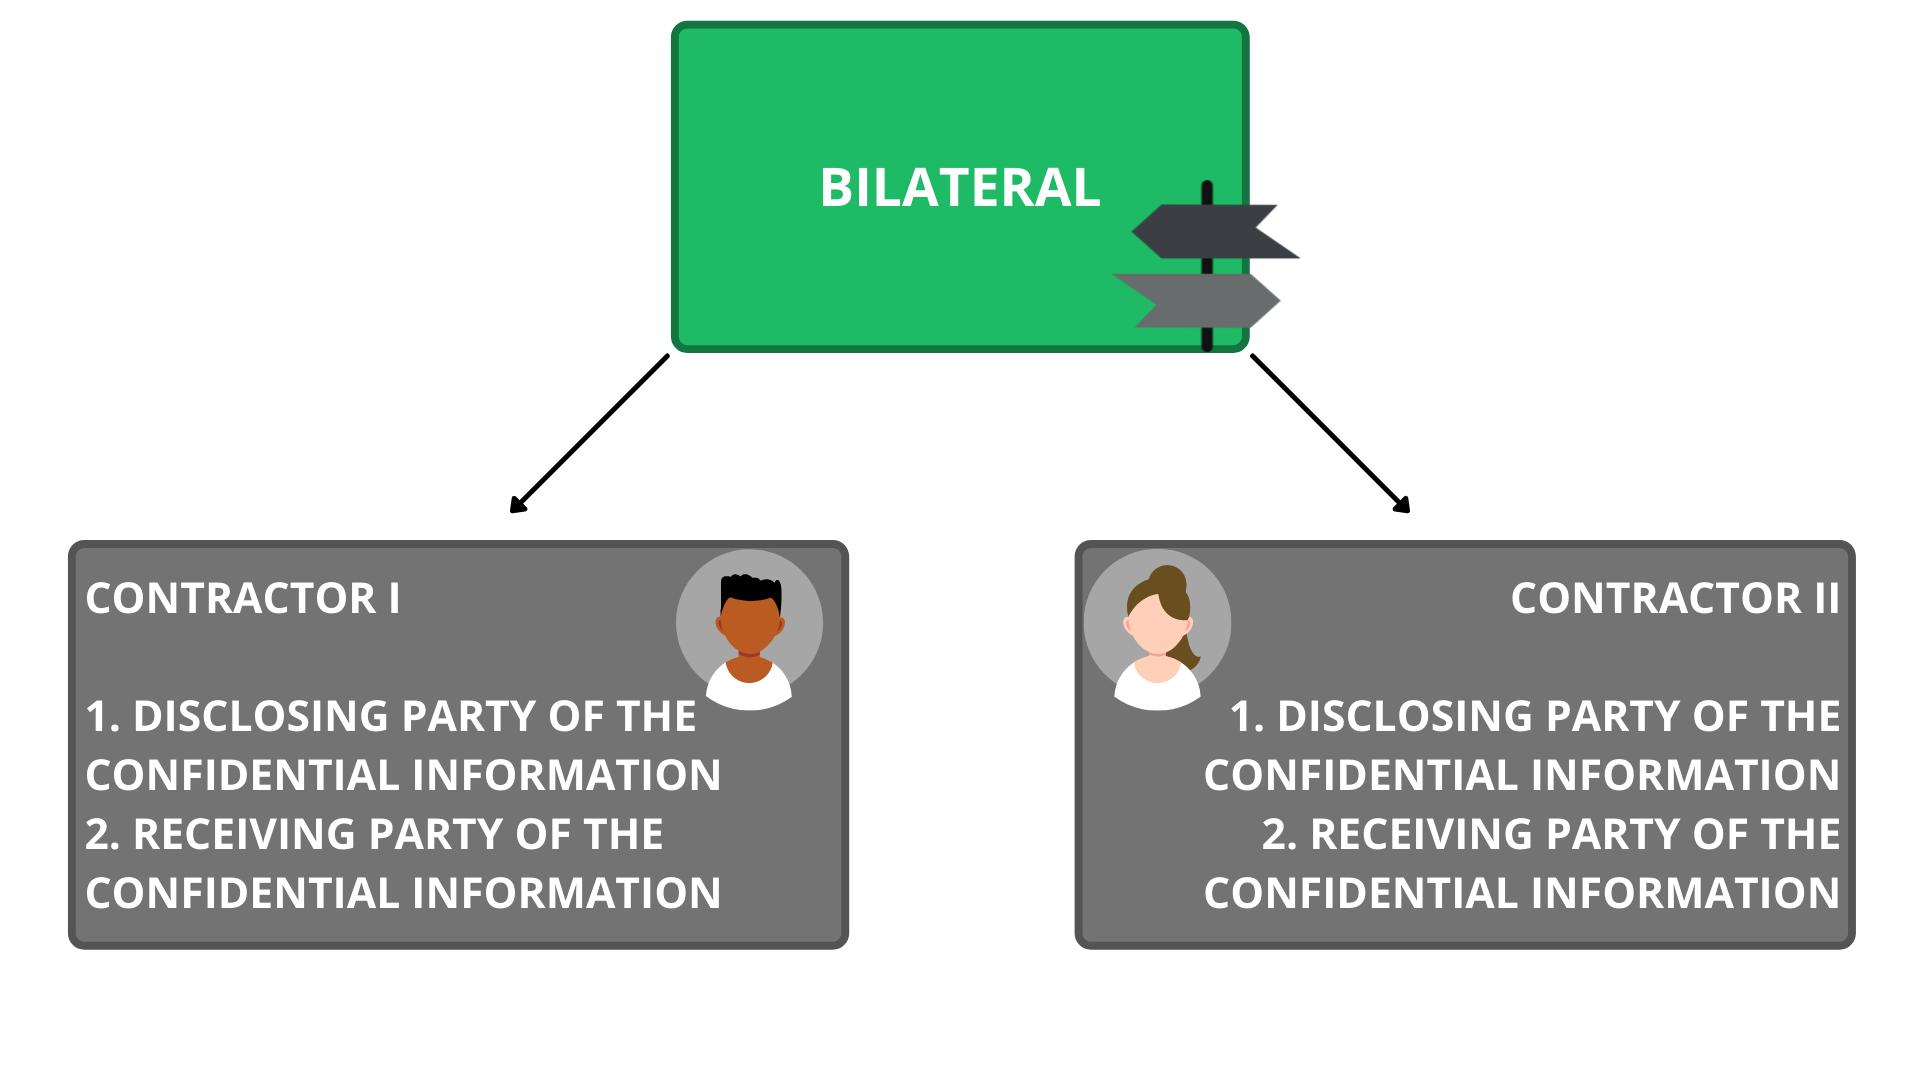 nda, bilateral nda, nda contract, nda agreement